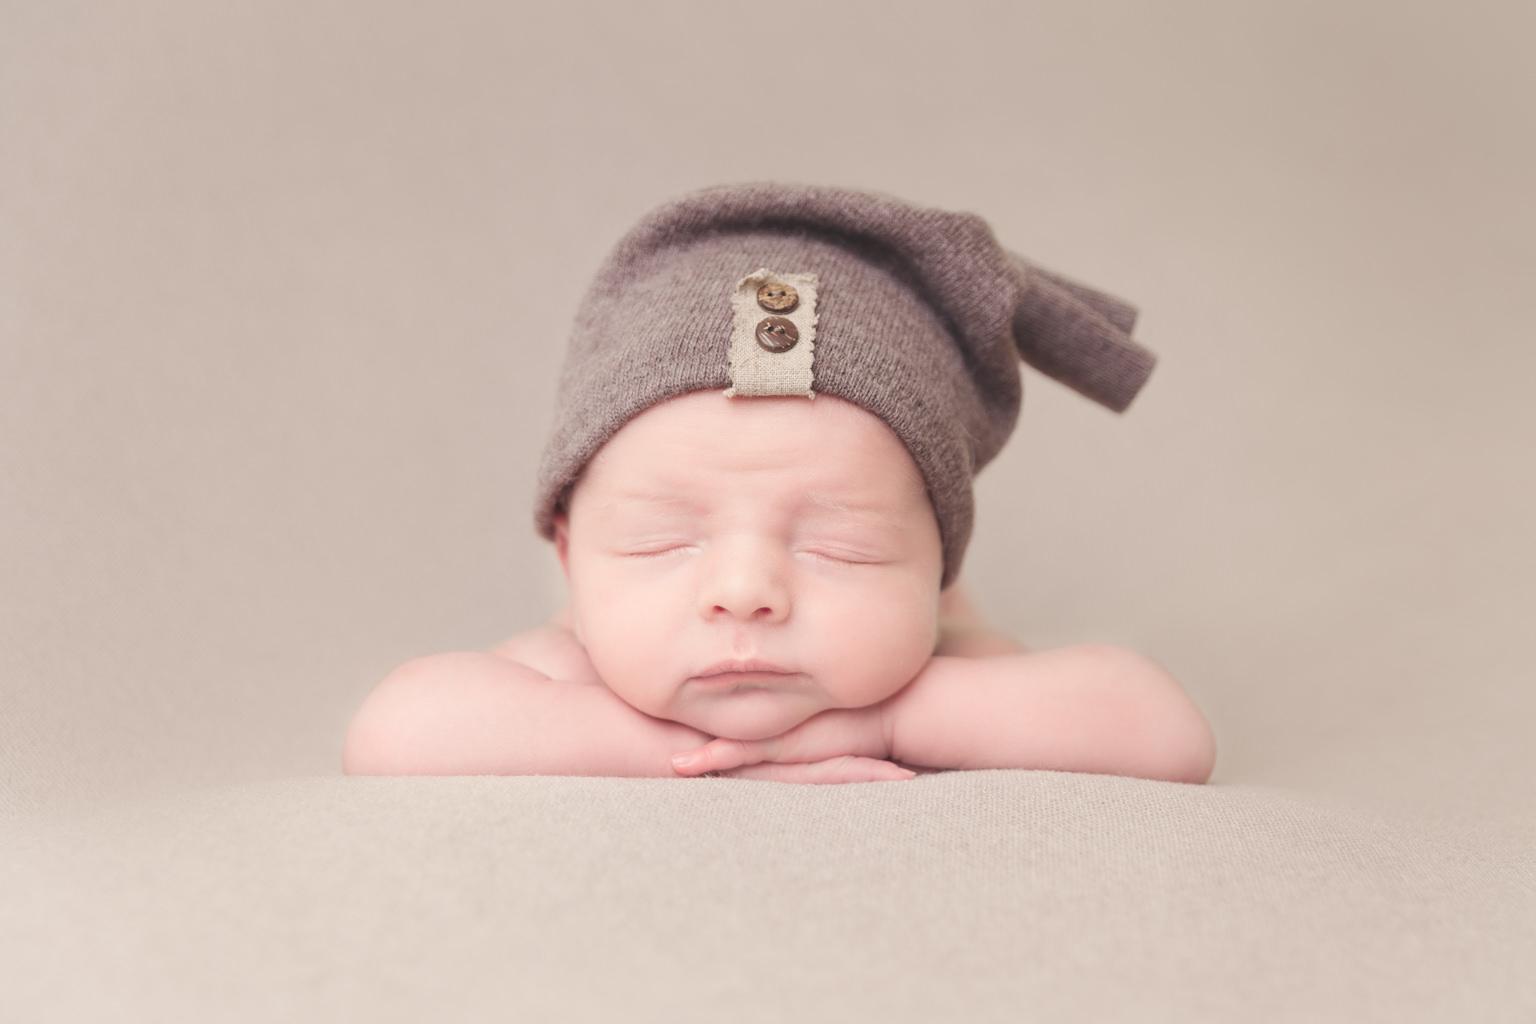 Edinburgh baby photographer